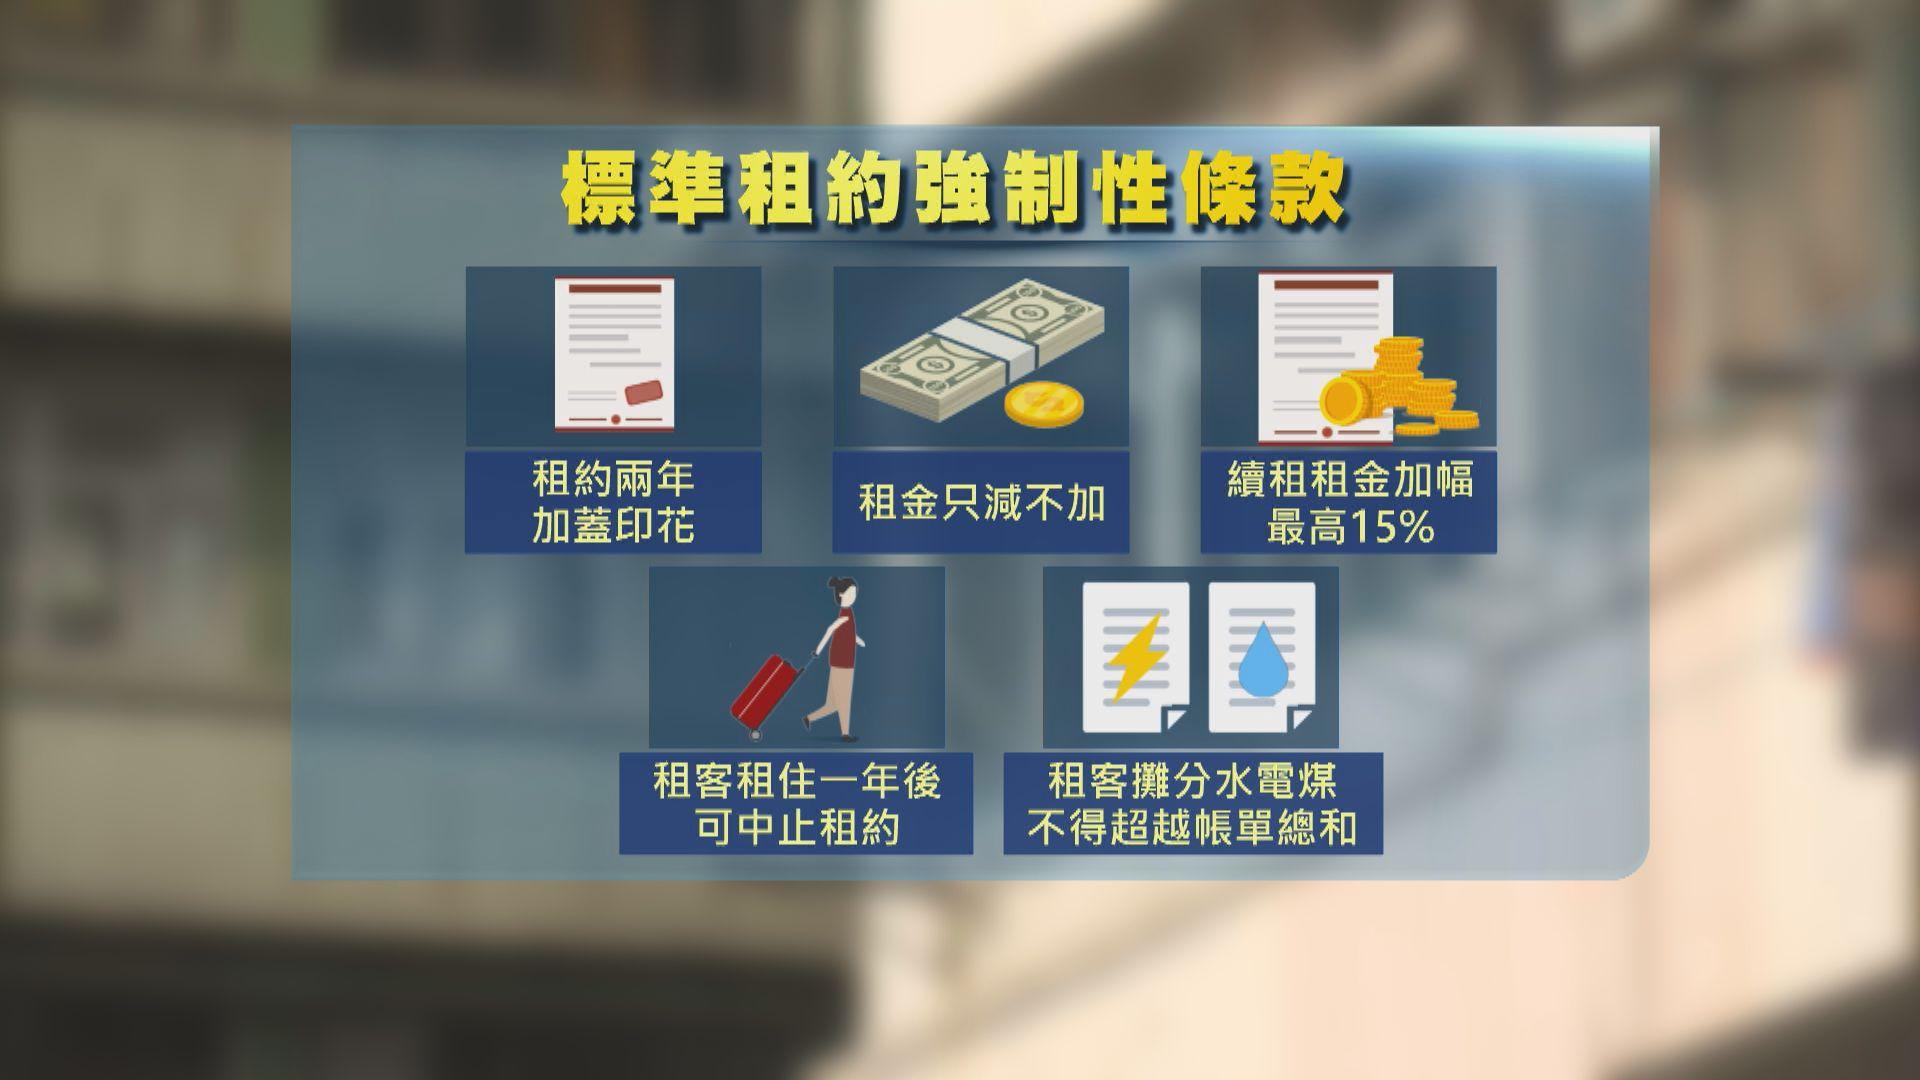 政府倡設劏房租務管制 租客享四年租住權保障